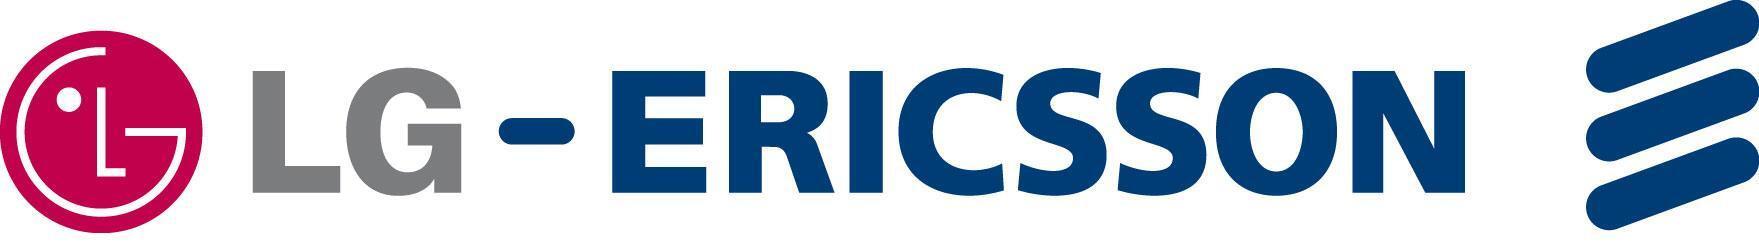 LG Ericsson logo